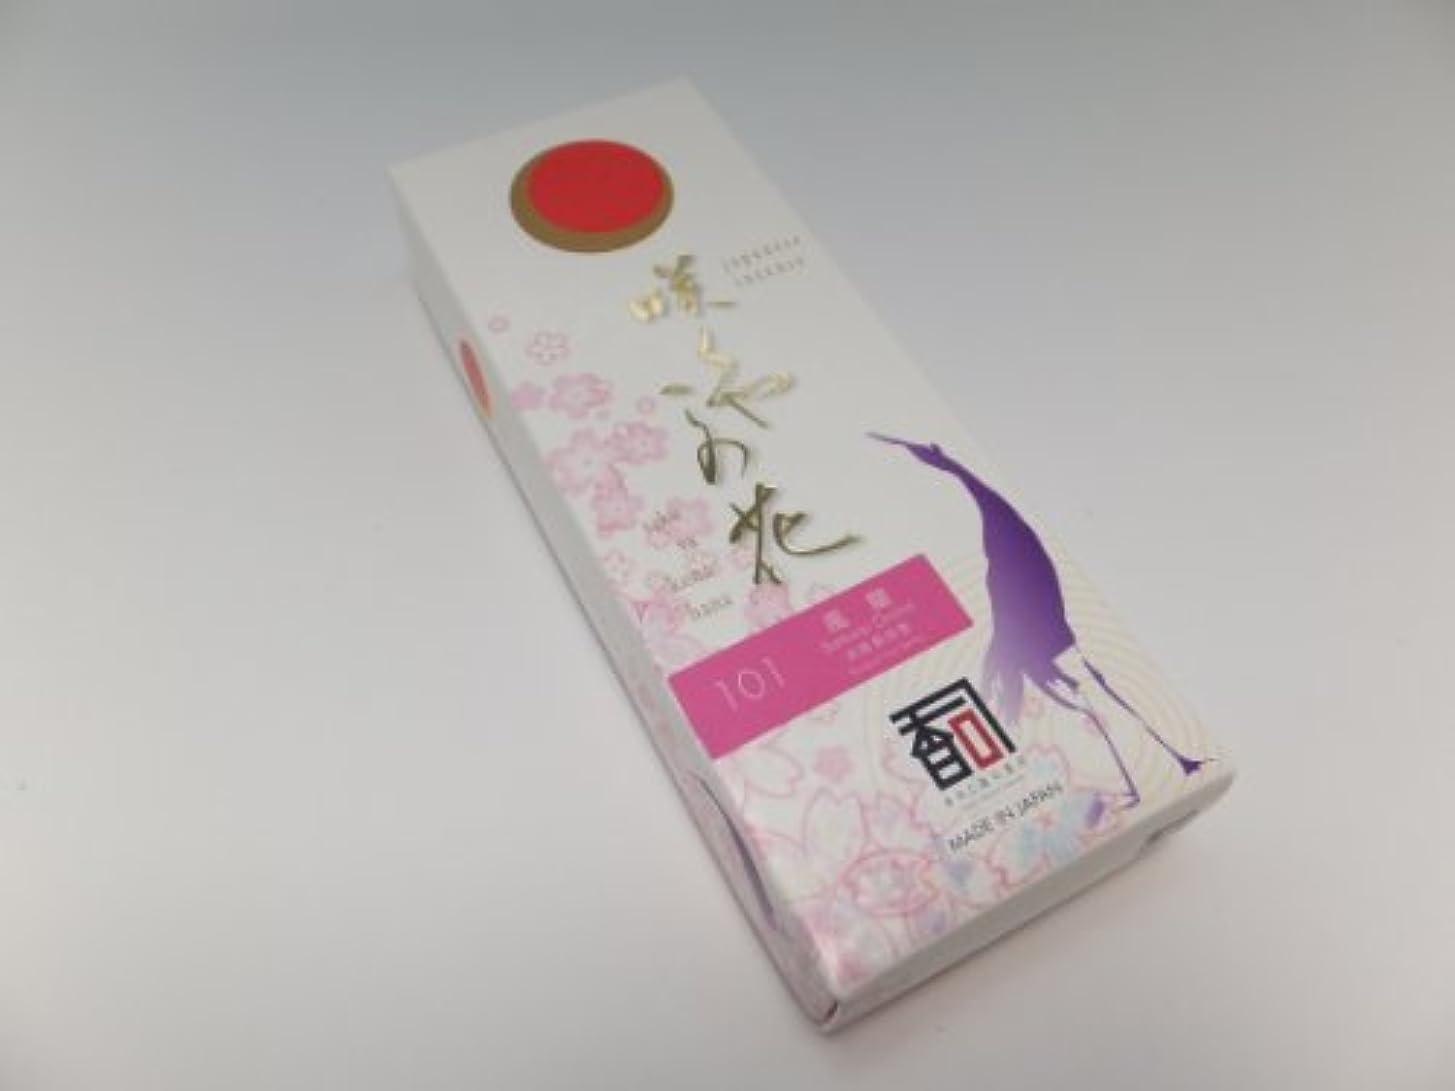 病的ハンドブックうねる「あわじ島の香司」 日本の香りシリーズ  [咲くや この花] 【101】 風蘭 (煙少)